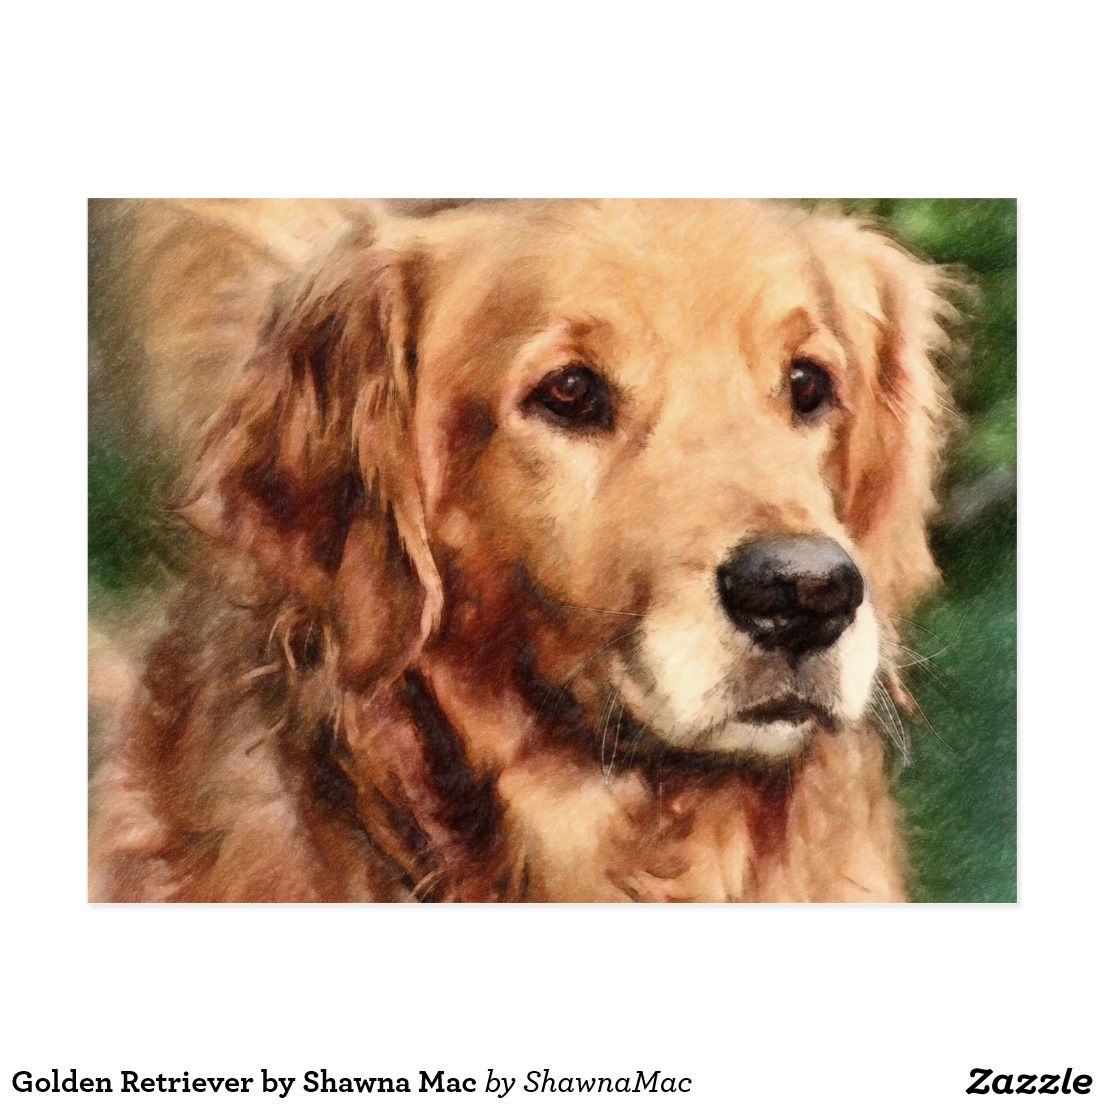 Golden Retriever by Shawna Mac Postcard Golden retriever